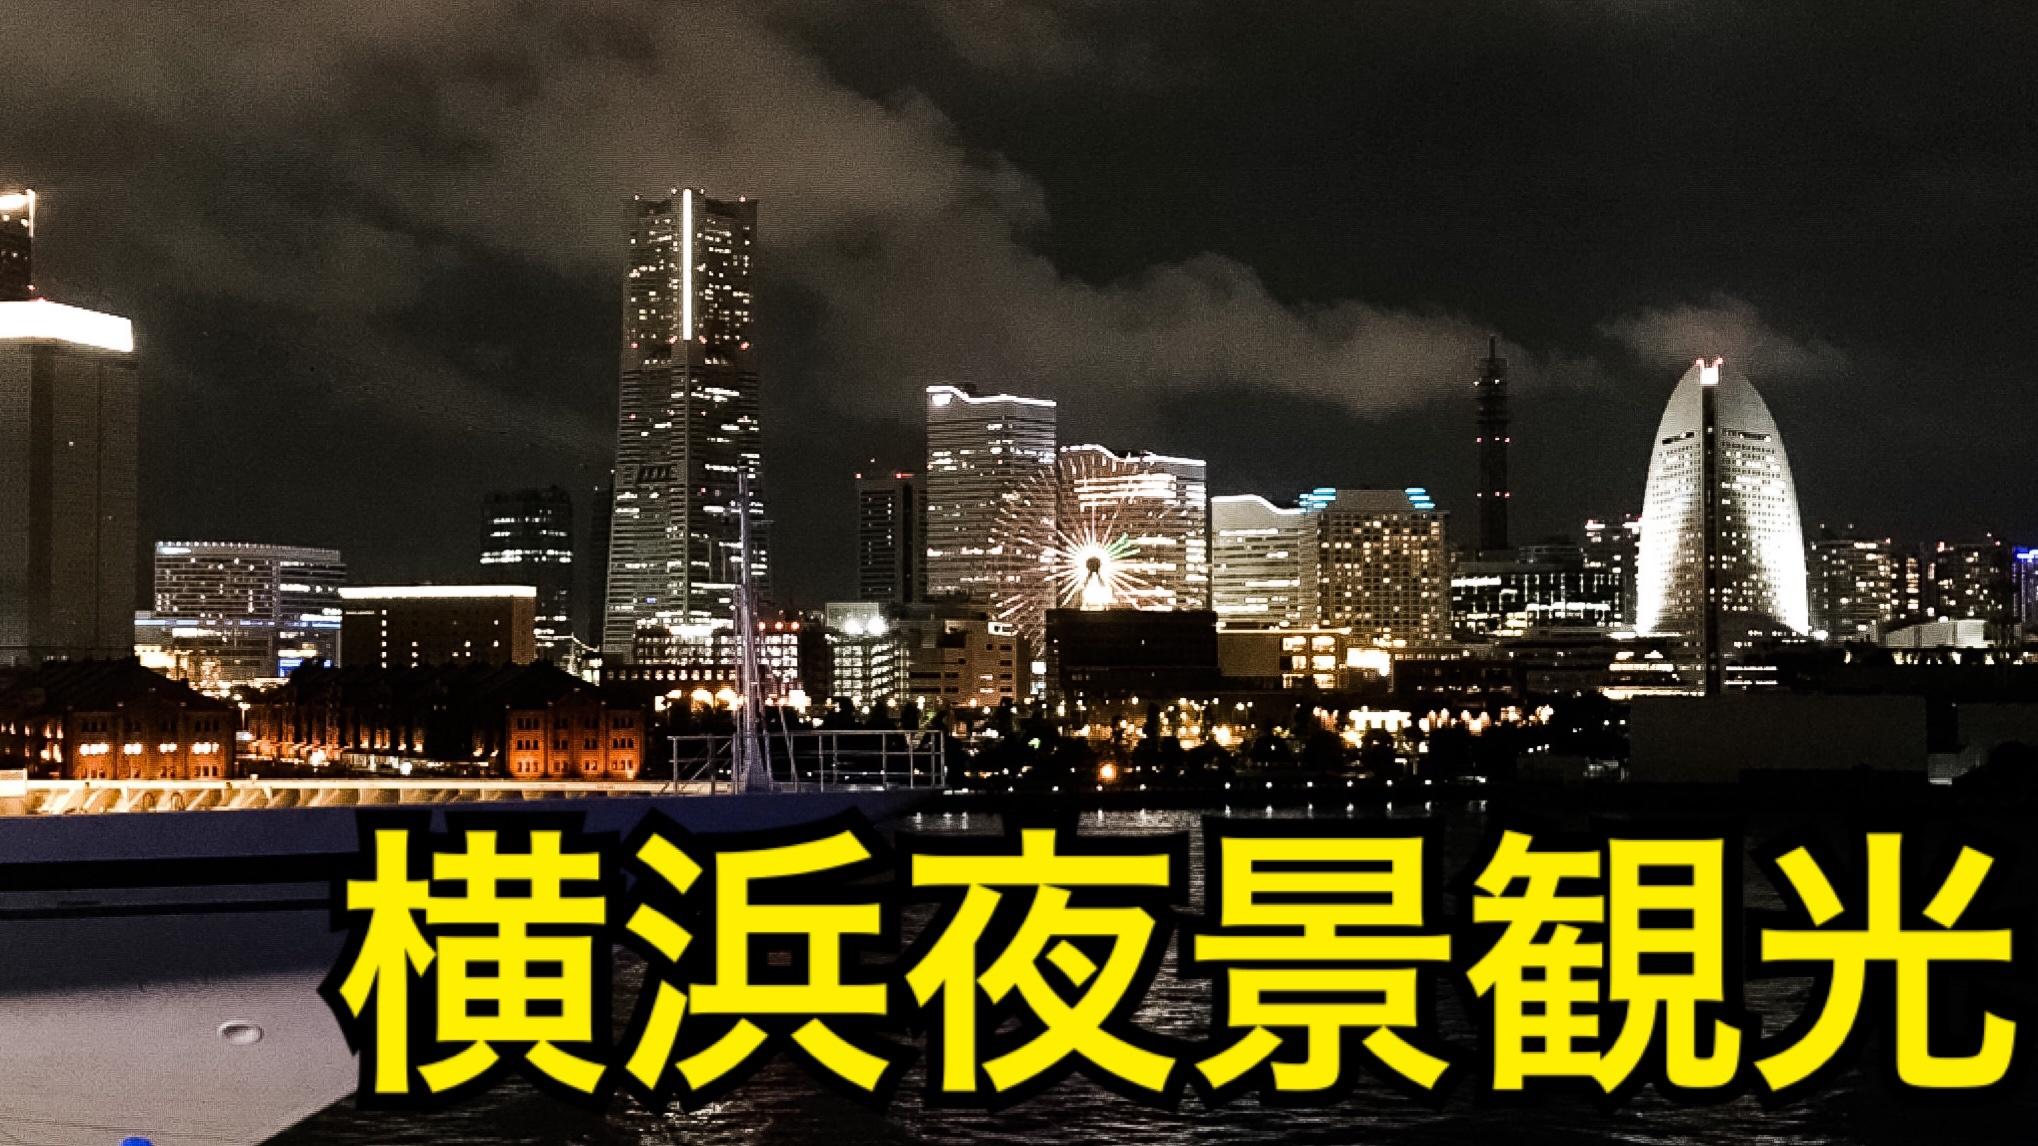 一流の夜景!1日観光も余裕!横浜観光、絶対に失敗しないモデルコースをご紹介!【ベイサイドブルー202007】